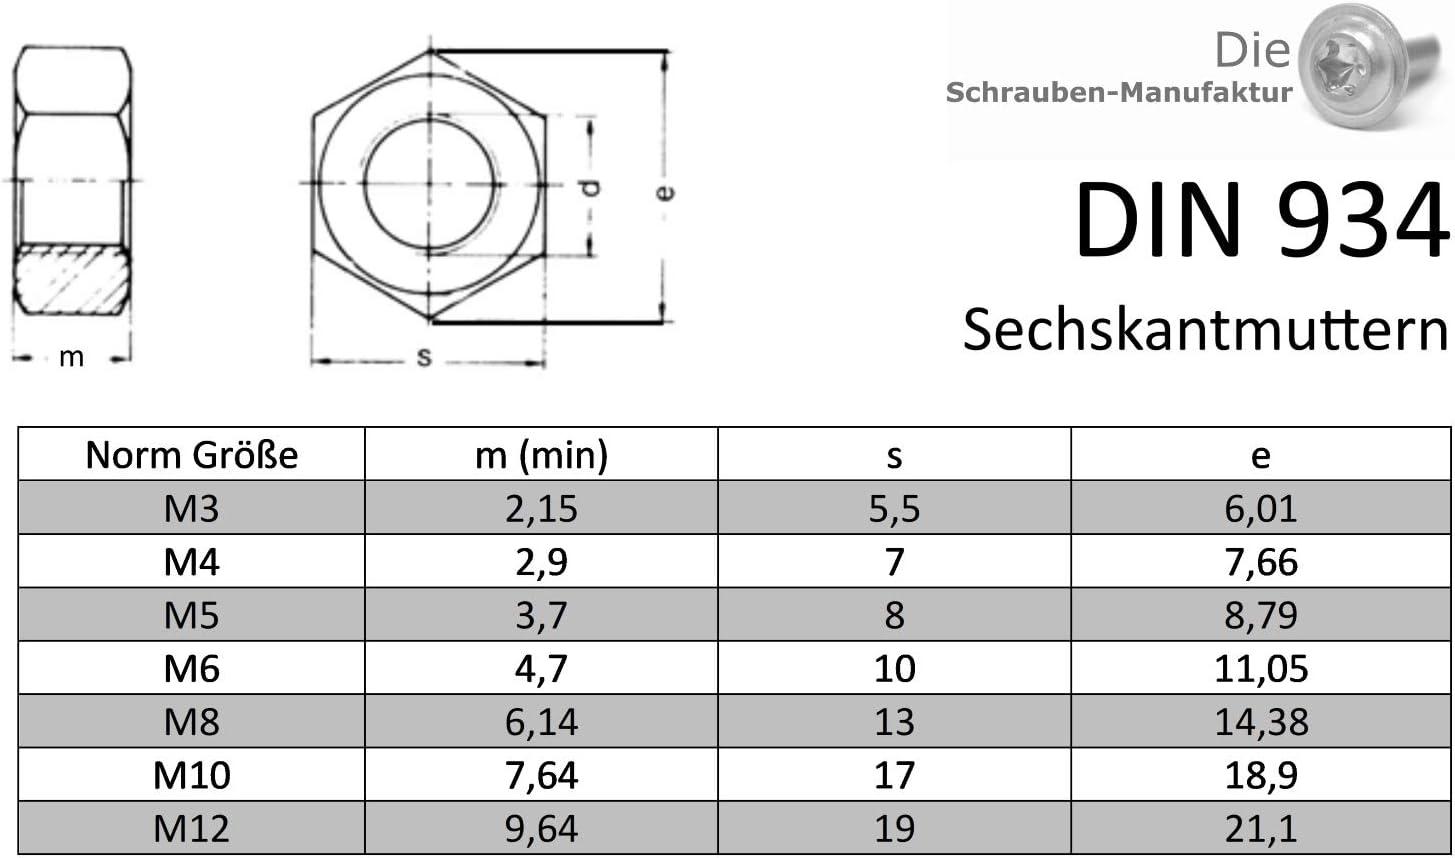 25 St/ück M8 x 120 mm Sechskantschrauben Niro Edelstahl A2 VA V2A DIN 933 Maschinenschrauben Gewindeschrauben